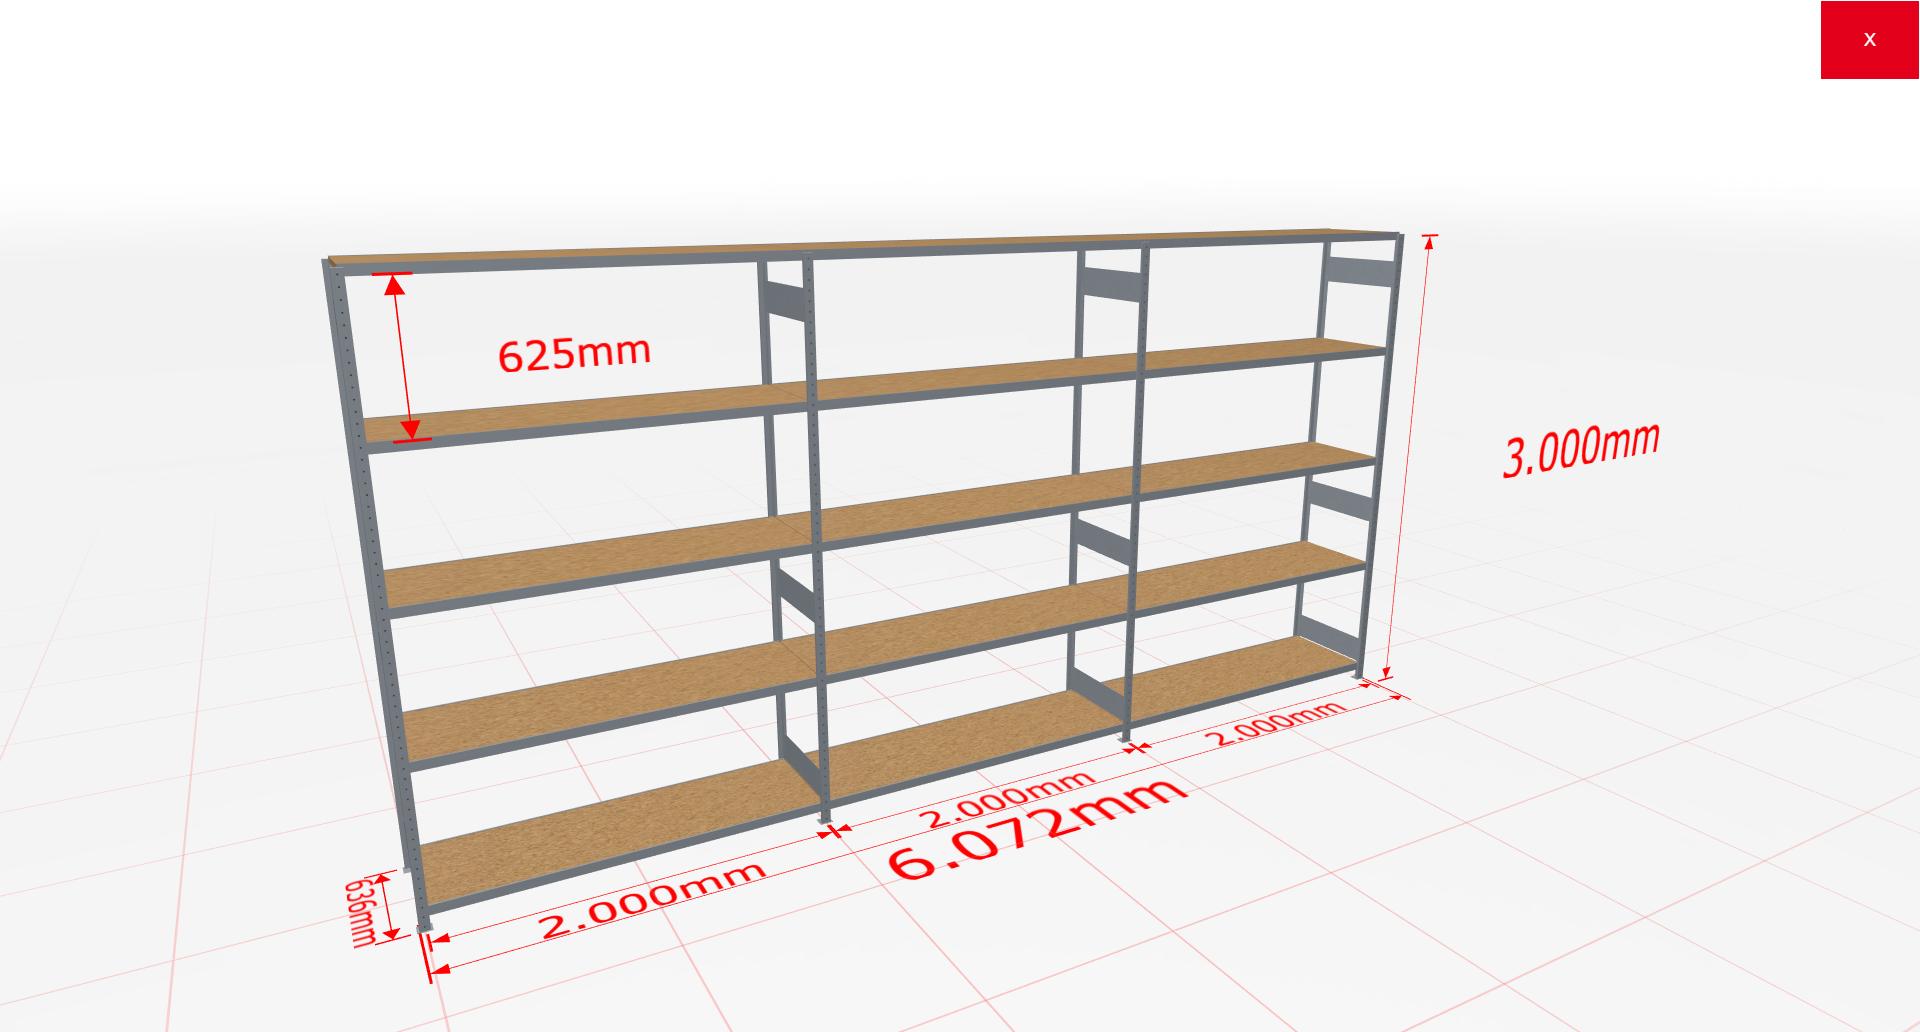 Weitspannregal Komplettregal 3000x6072x600 mm (HxBxT) SCHULTE Lagertechnik verzinkt mit Spanplattenböden